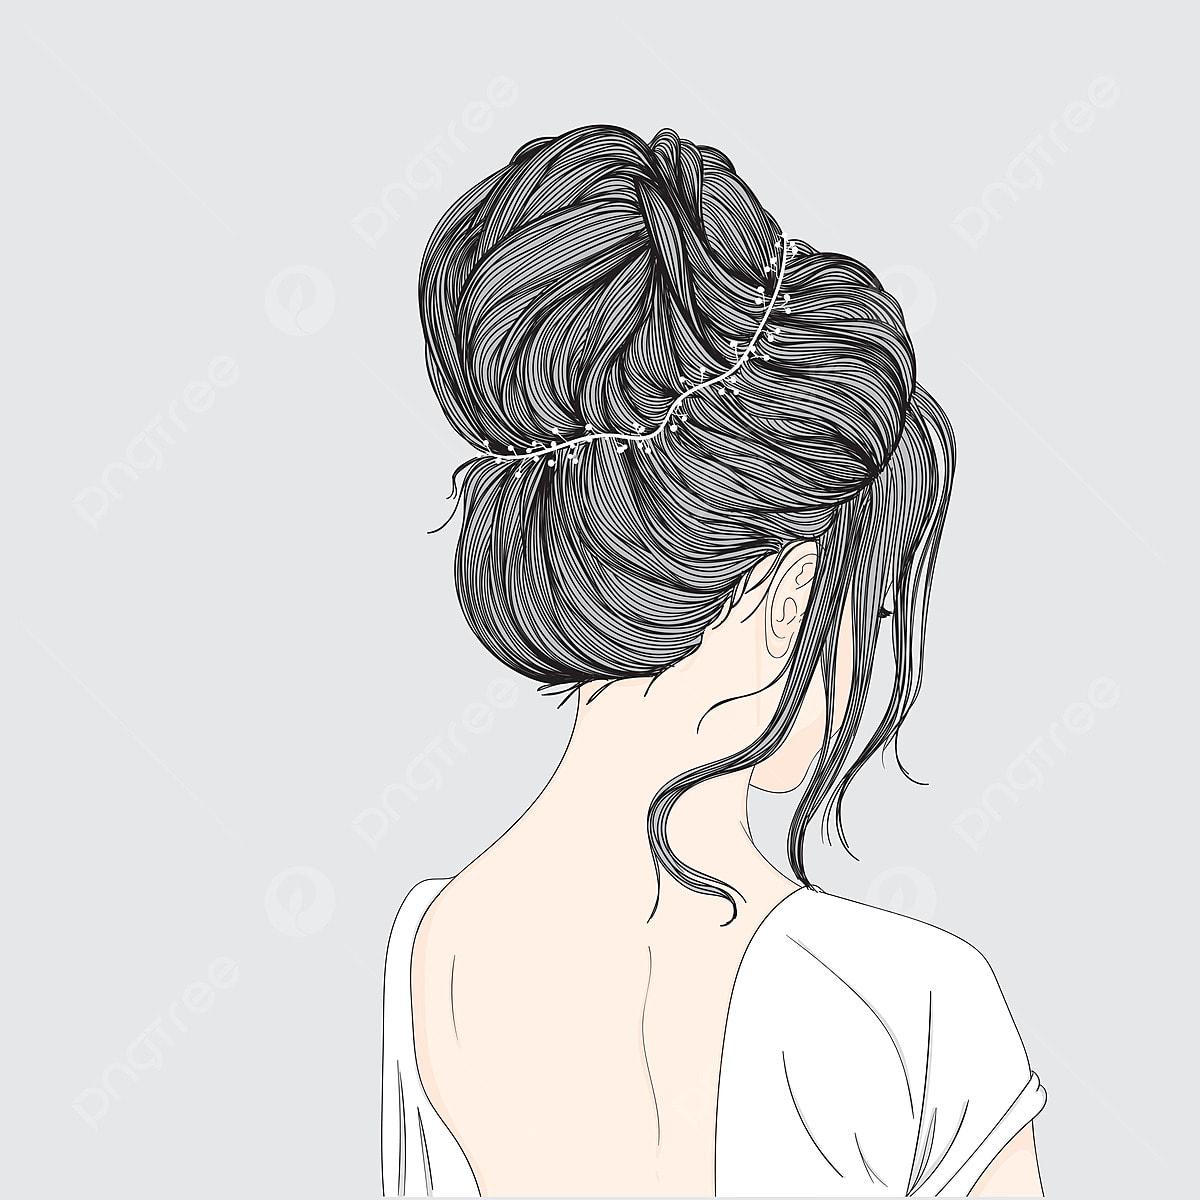 Abbildung Malen Frauen Frisuren Von Dieser Seite Nach Genommen Sie